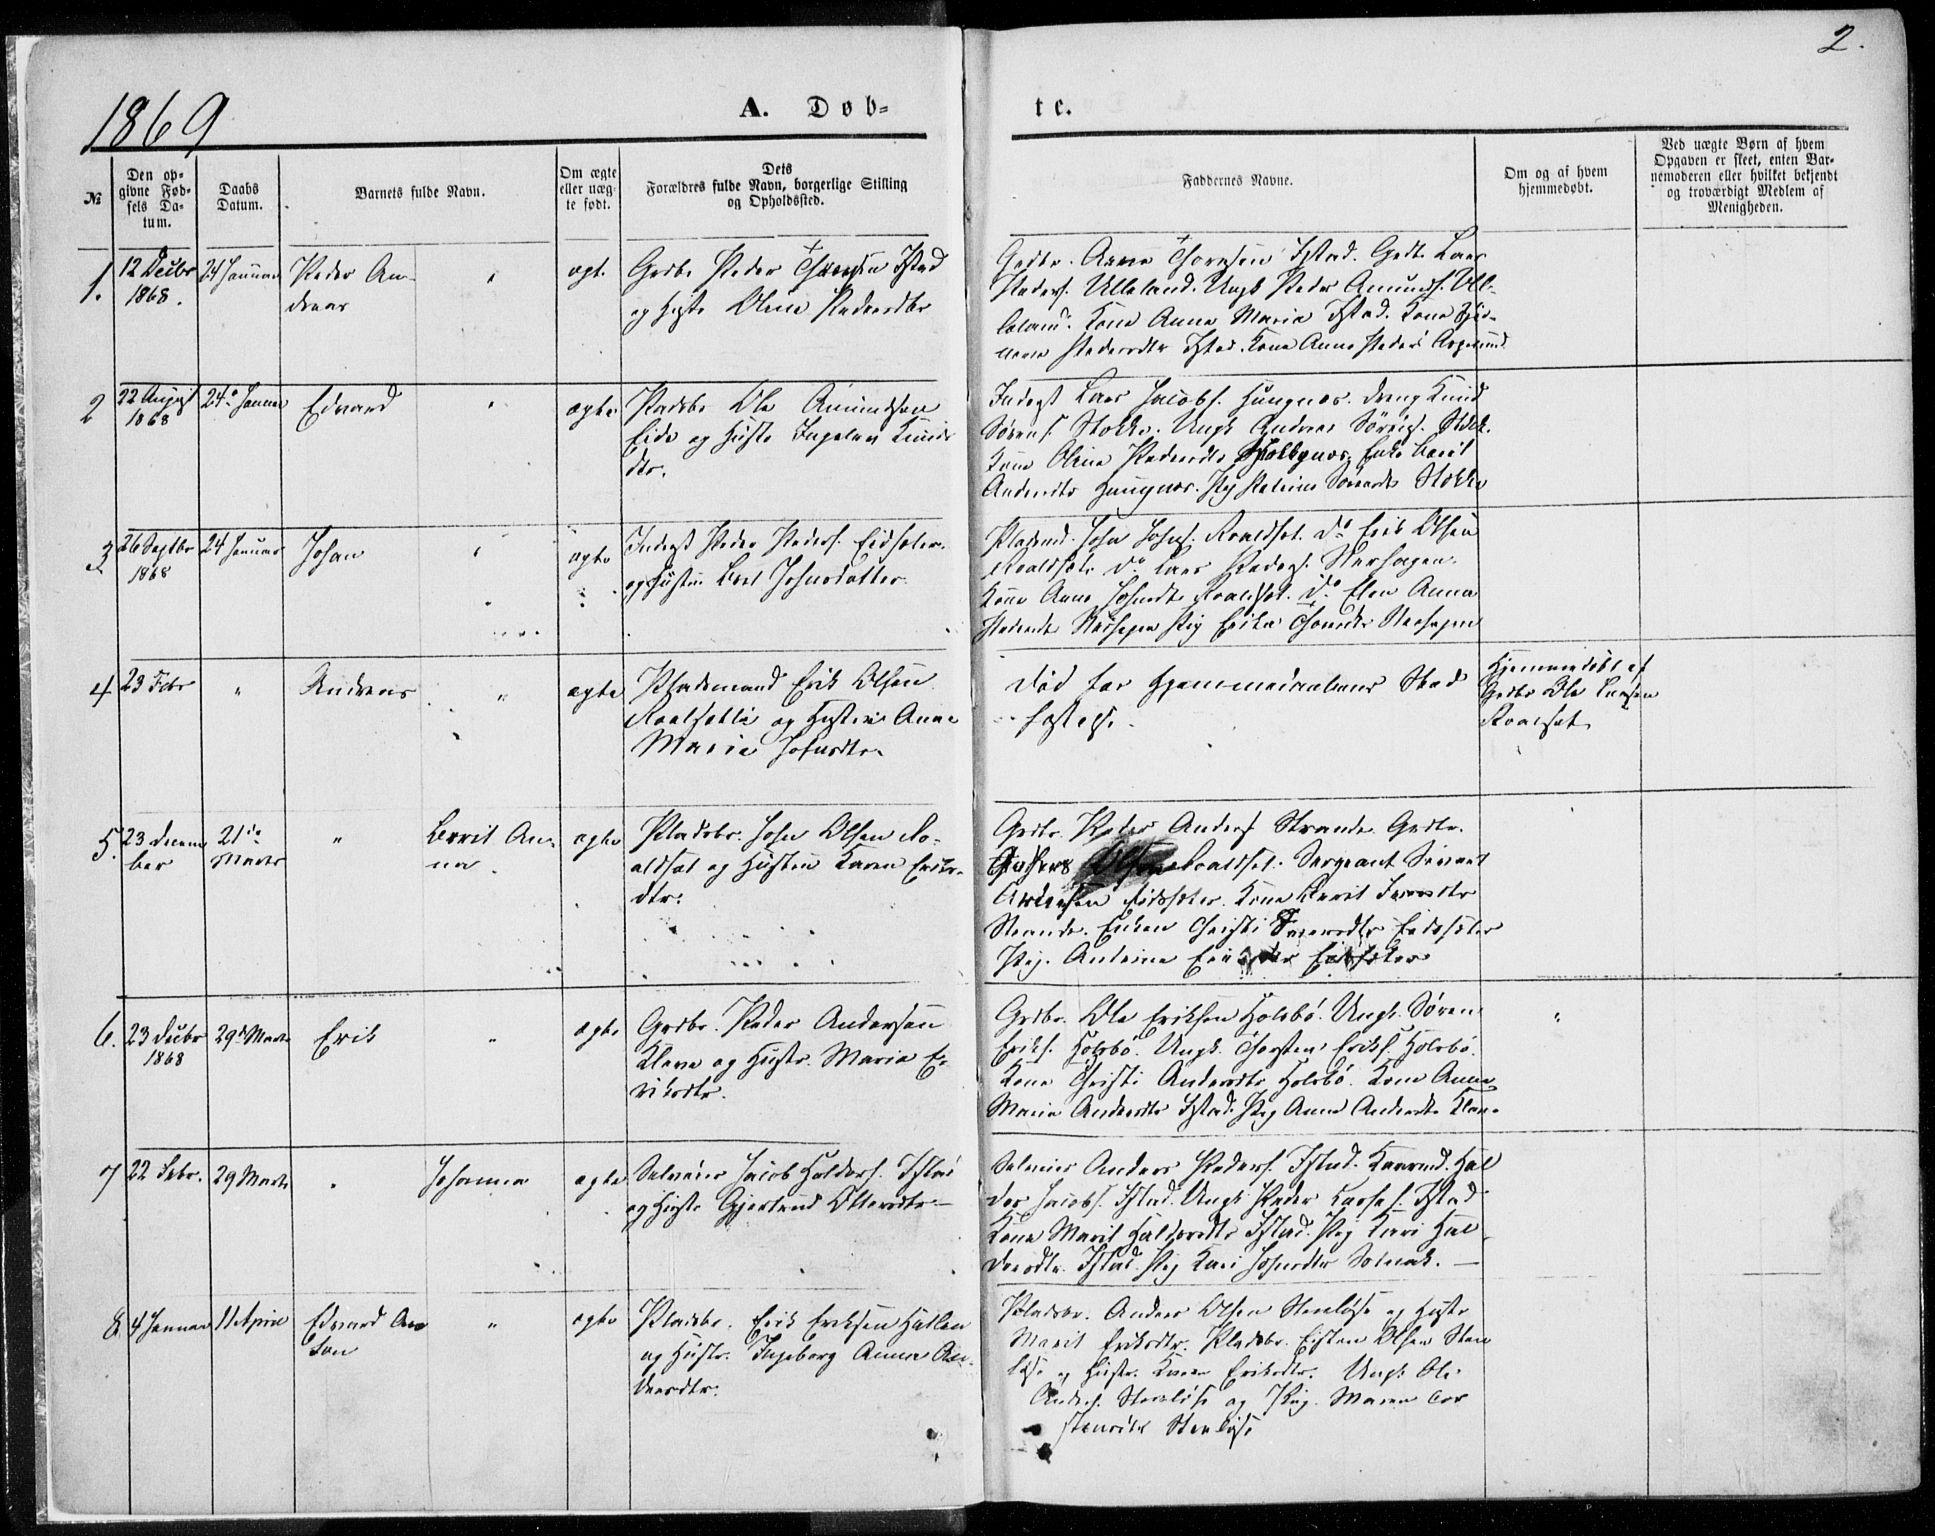 SAT, Ministerialprotokoller, klokkerbøker og fødselsregistre - Møre og Romsdal, 557/L0681: Ministerialbok nr. 557A03, 1869-1886, s. 2